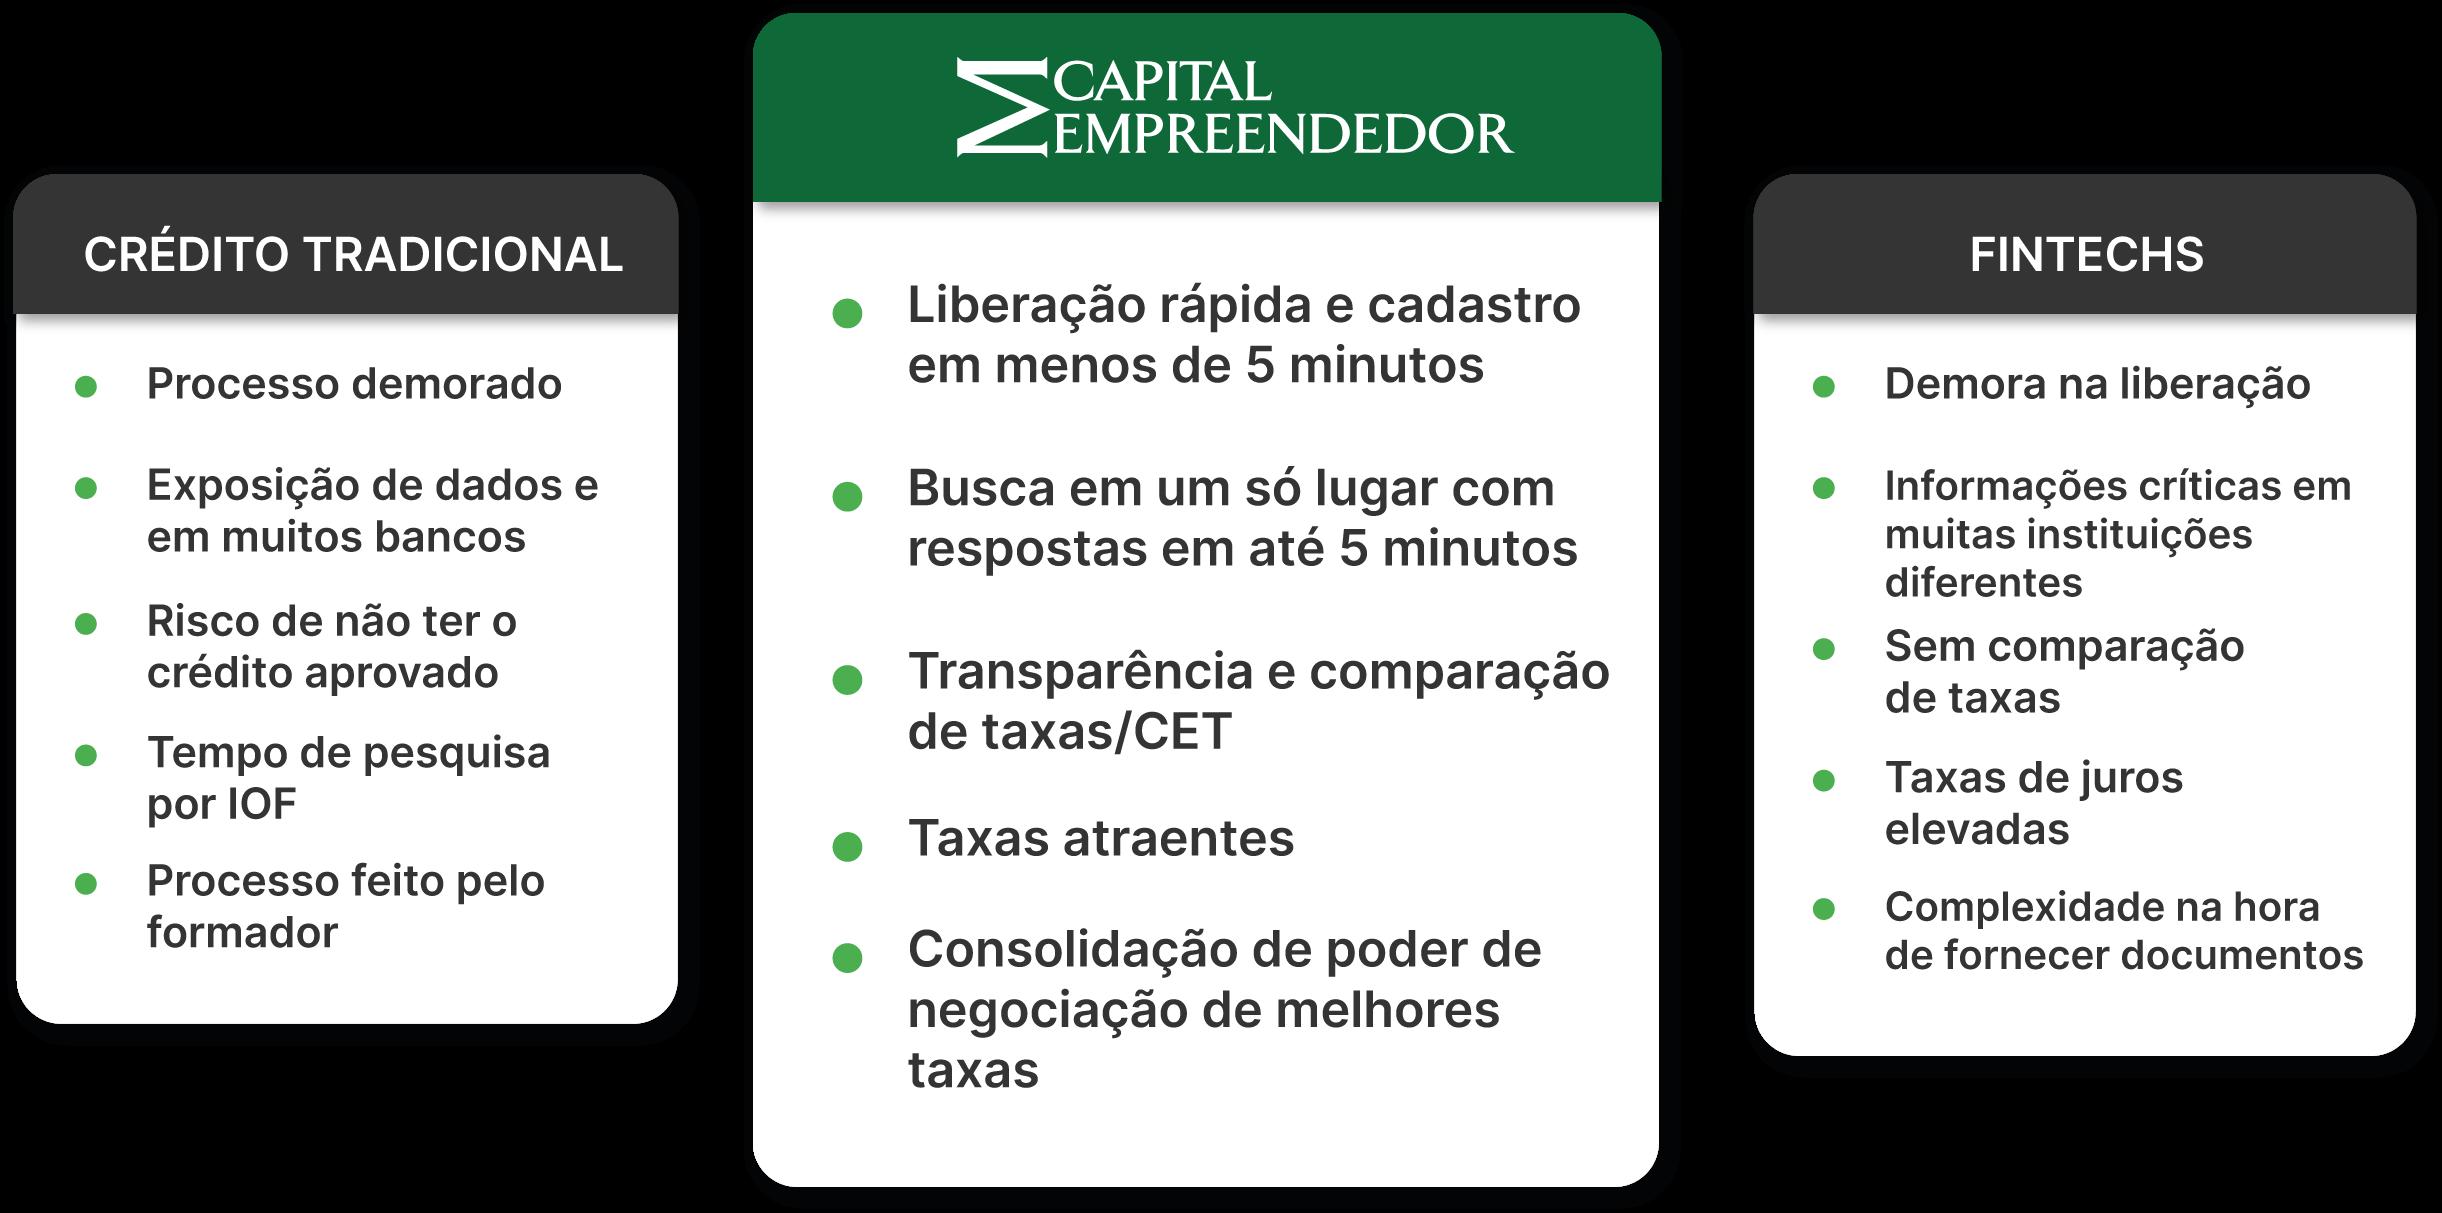 3 cards com os diferenciais da capital empreendedor